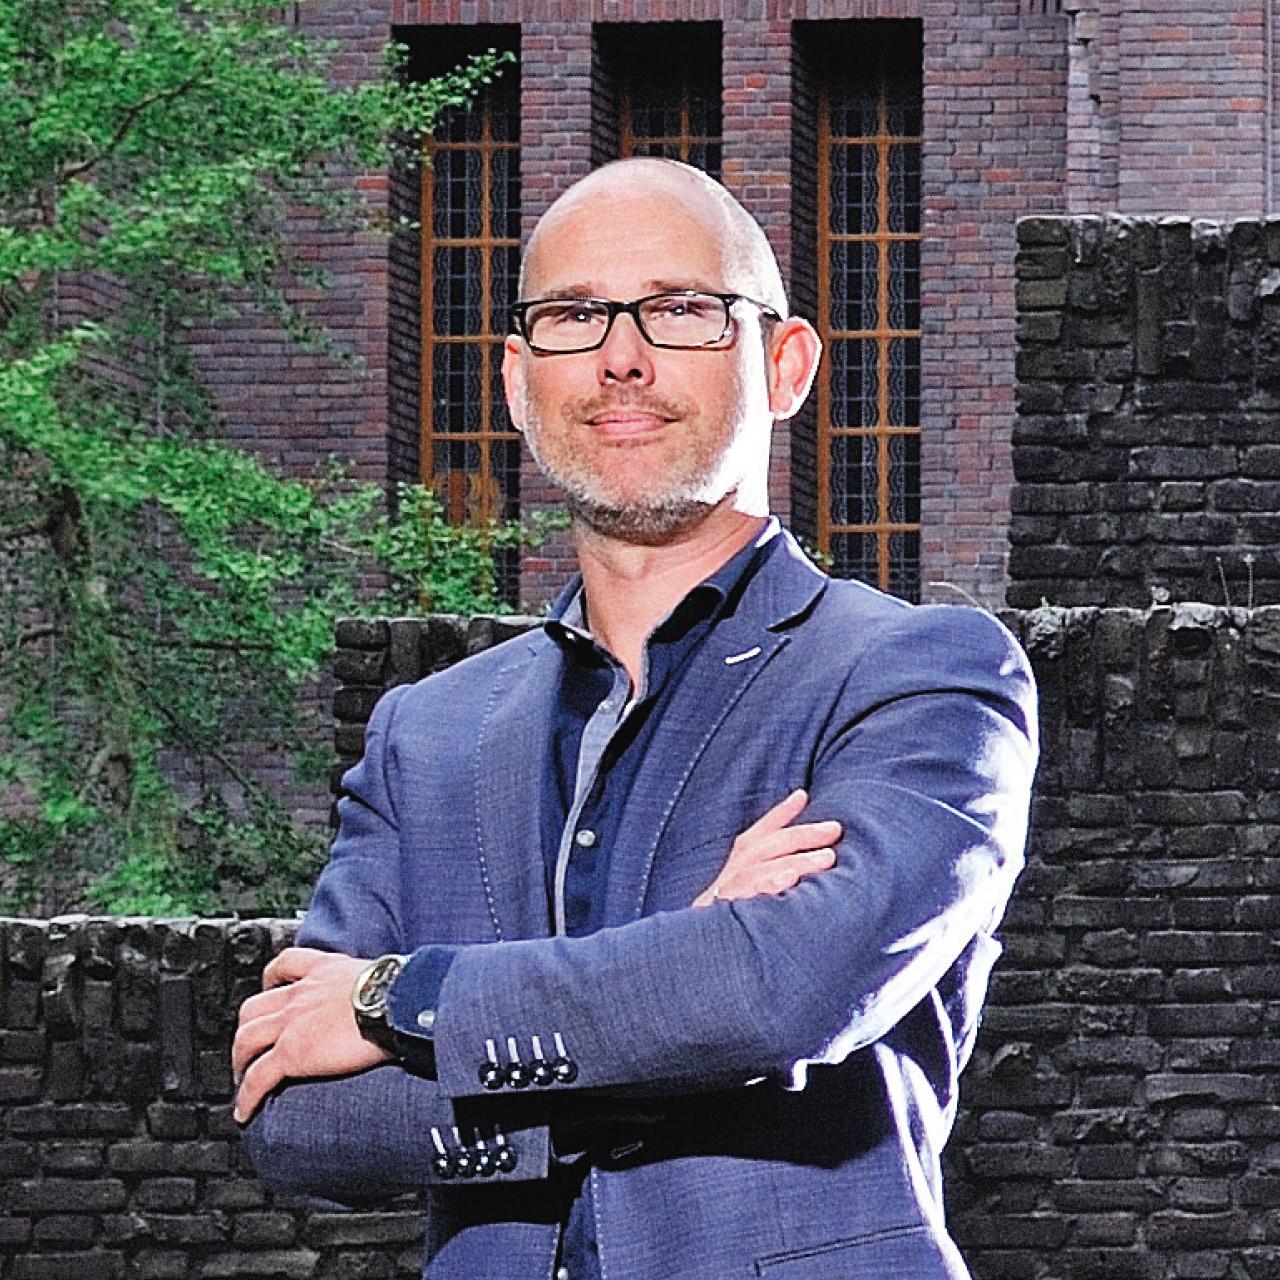 'HR benut de kracht van delen' interview PW De Gids